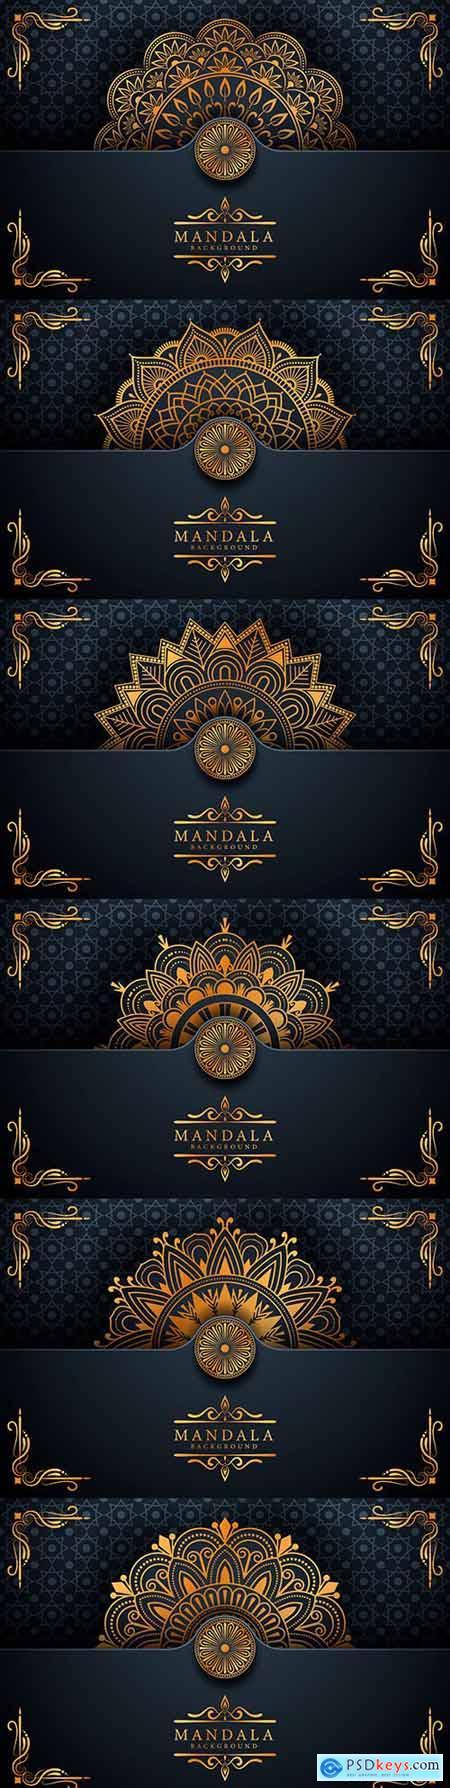 Mandala luxury elegant Ramadan style background